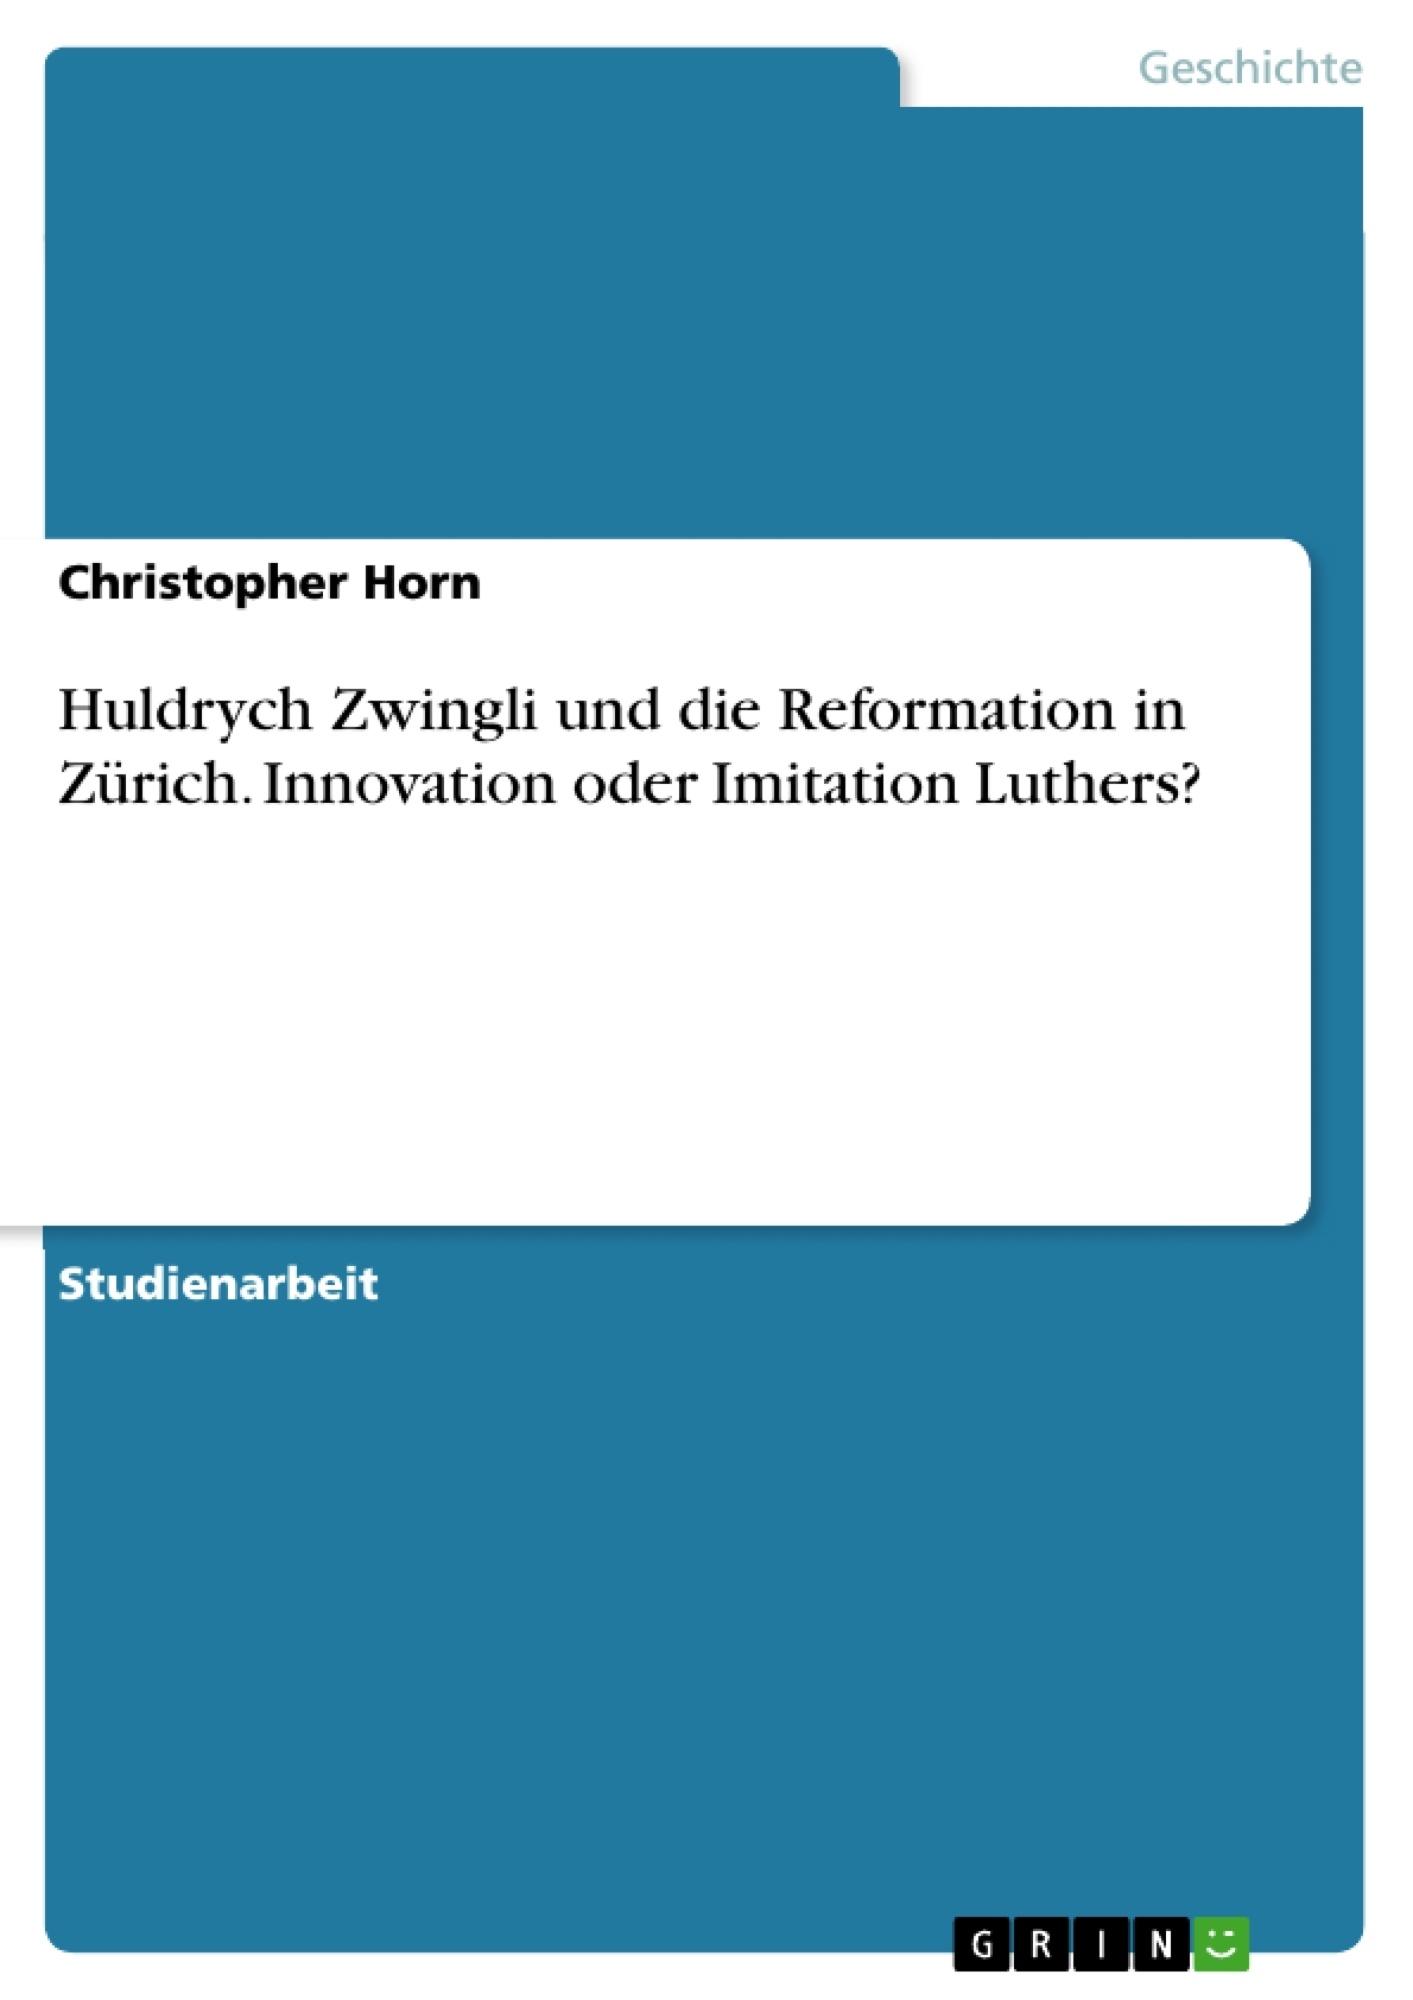 Titel: Huldrych Zwingli und die Reformation in Zürich. Innovation oder Imitation Luthers?